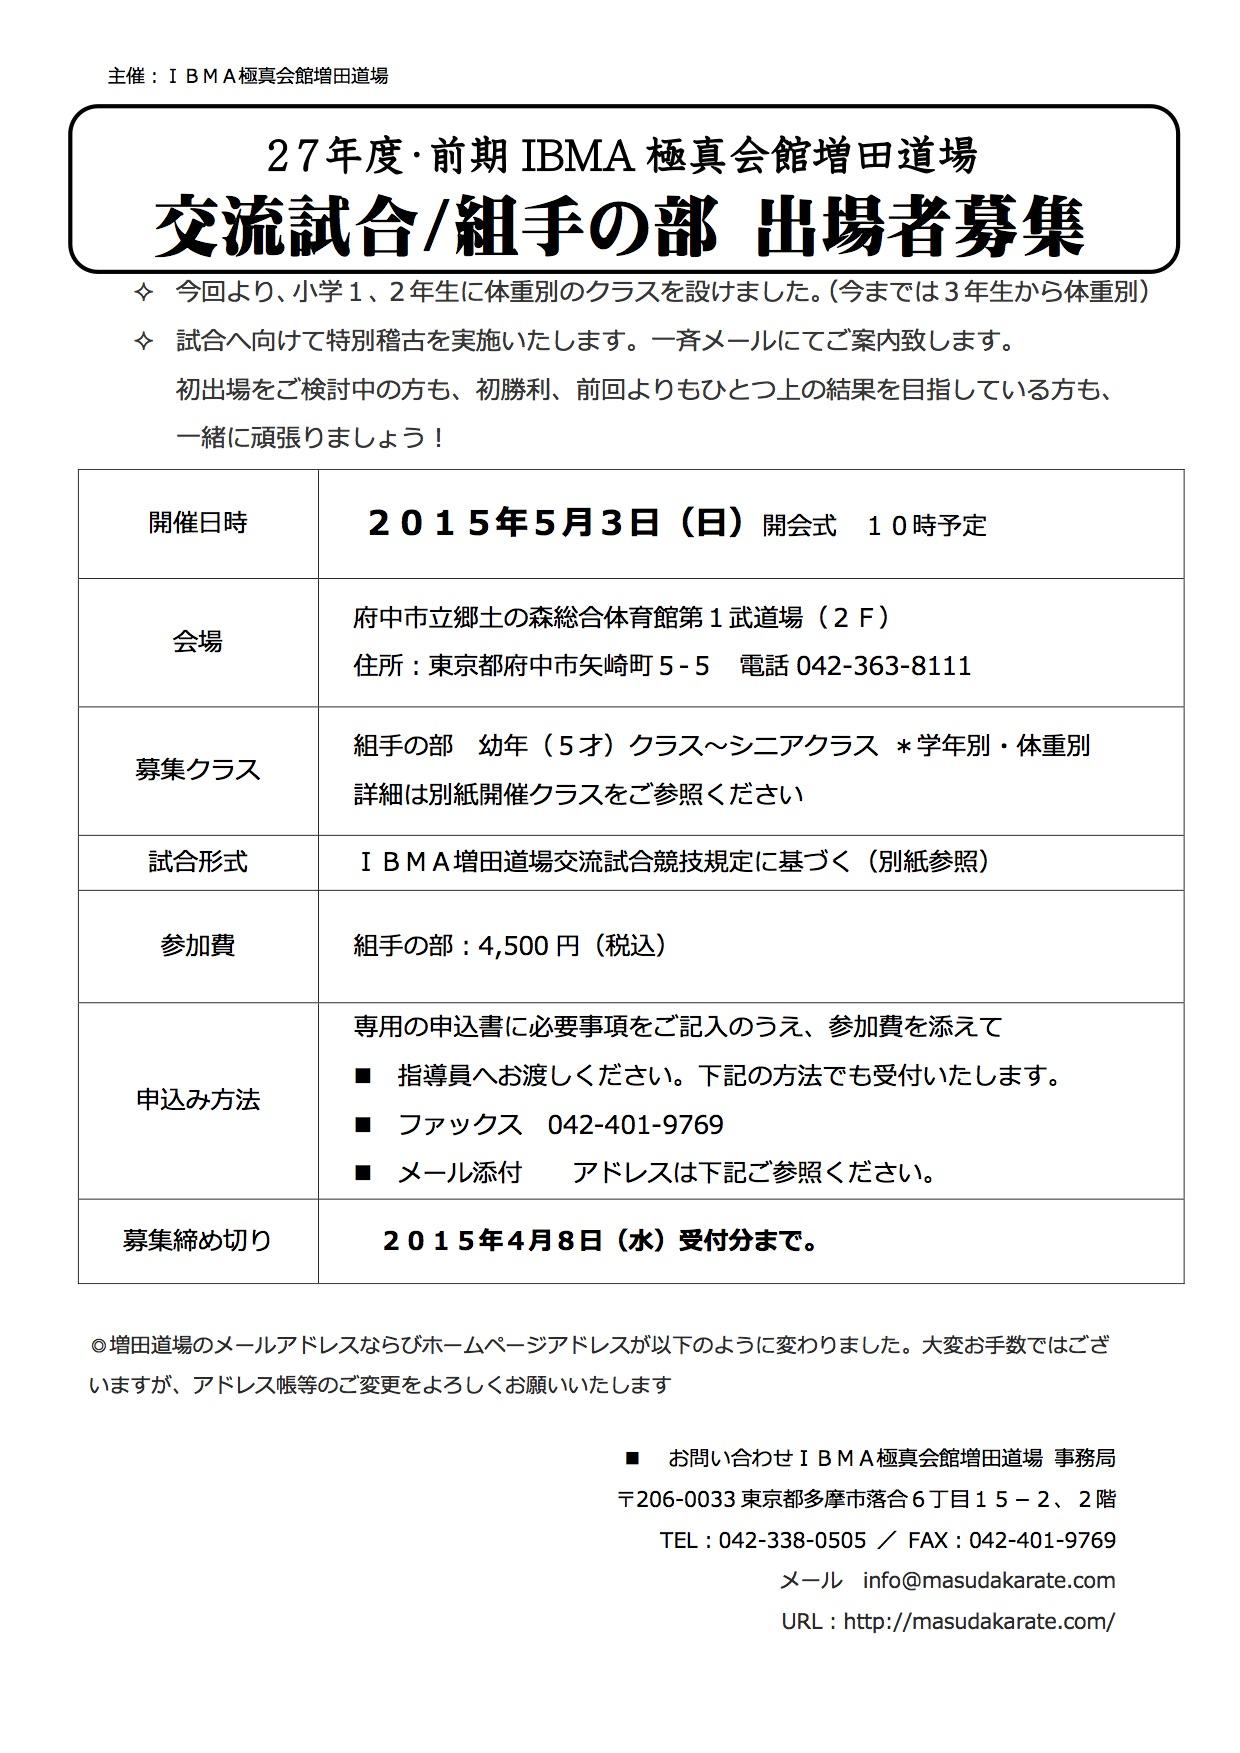 2015前期交流試合お知らせ1